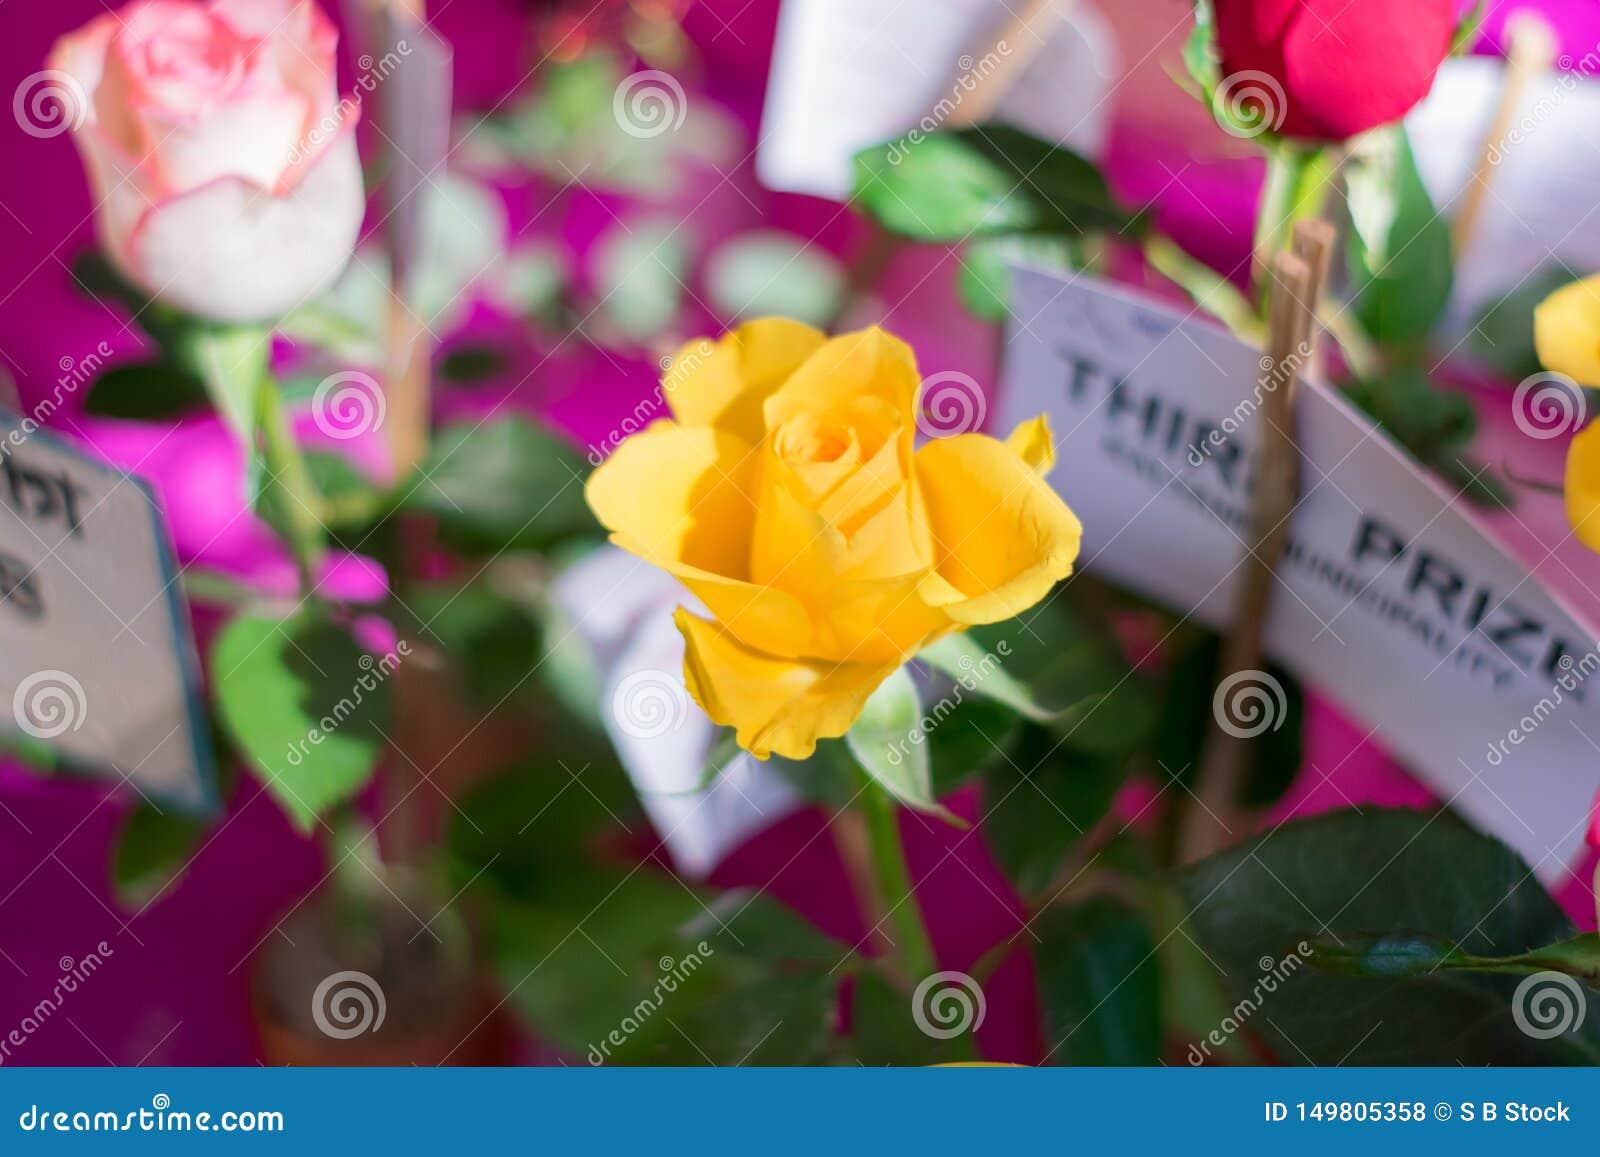 一朵黄色玫瑰是类罗莎家庭蔷薇科木质的四季不断的开花植物  与词根和锋利的皮刺的灌木 ??a